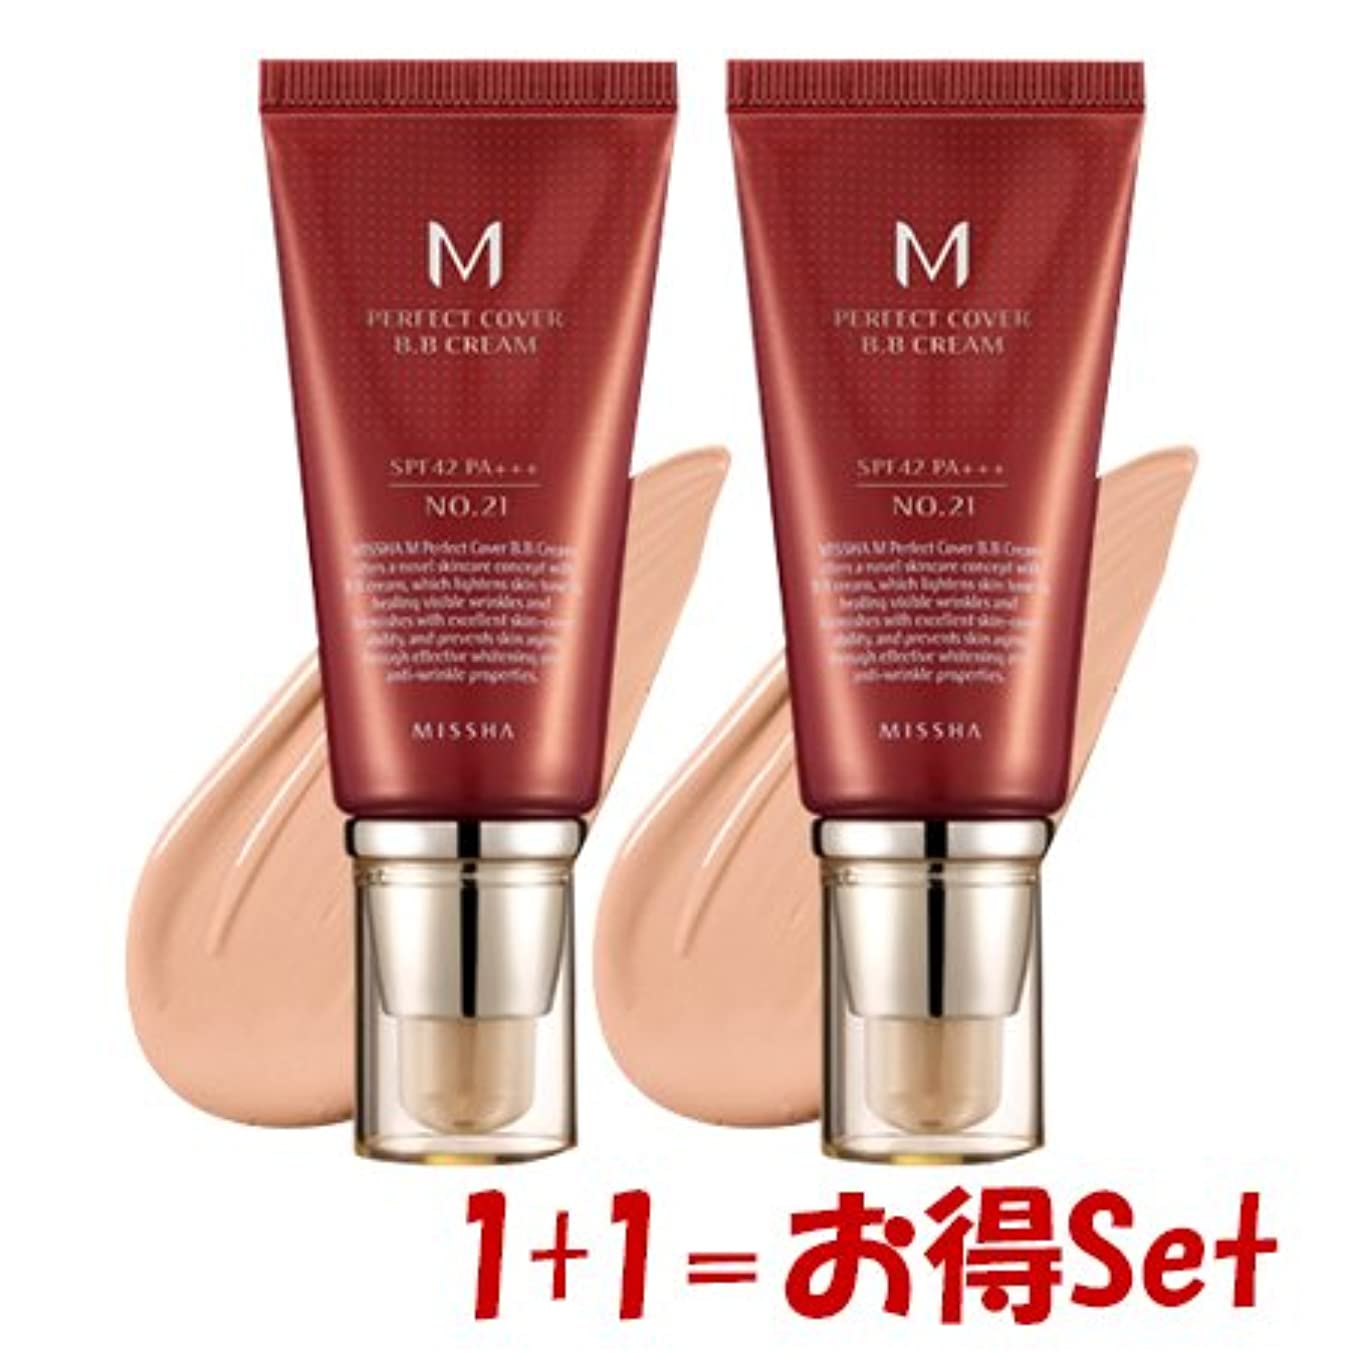 維持不調和初心者MISSHA(ミシャ) M Perfect Cover パーフェクトカバーBBクリーム 21号+ 21号(1+1=Set) [並行輸入品]